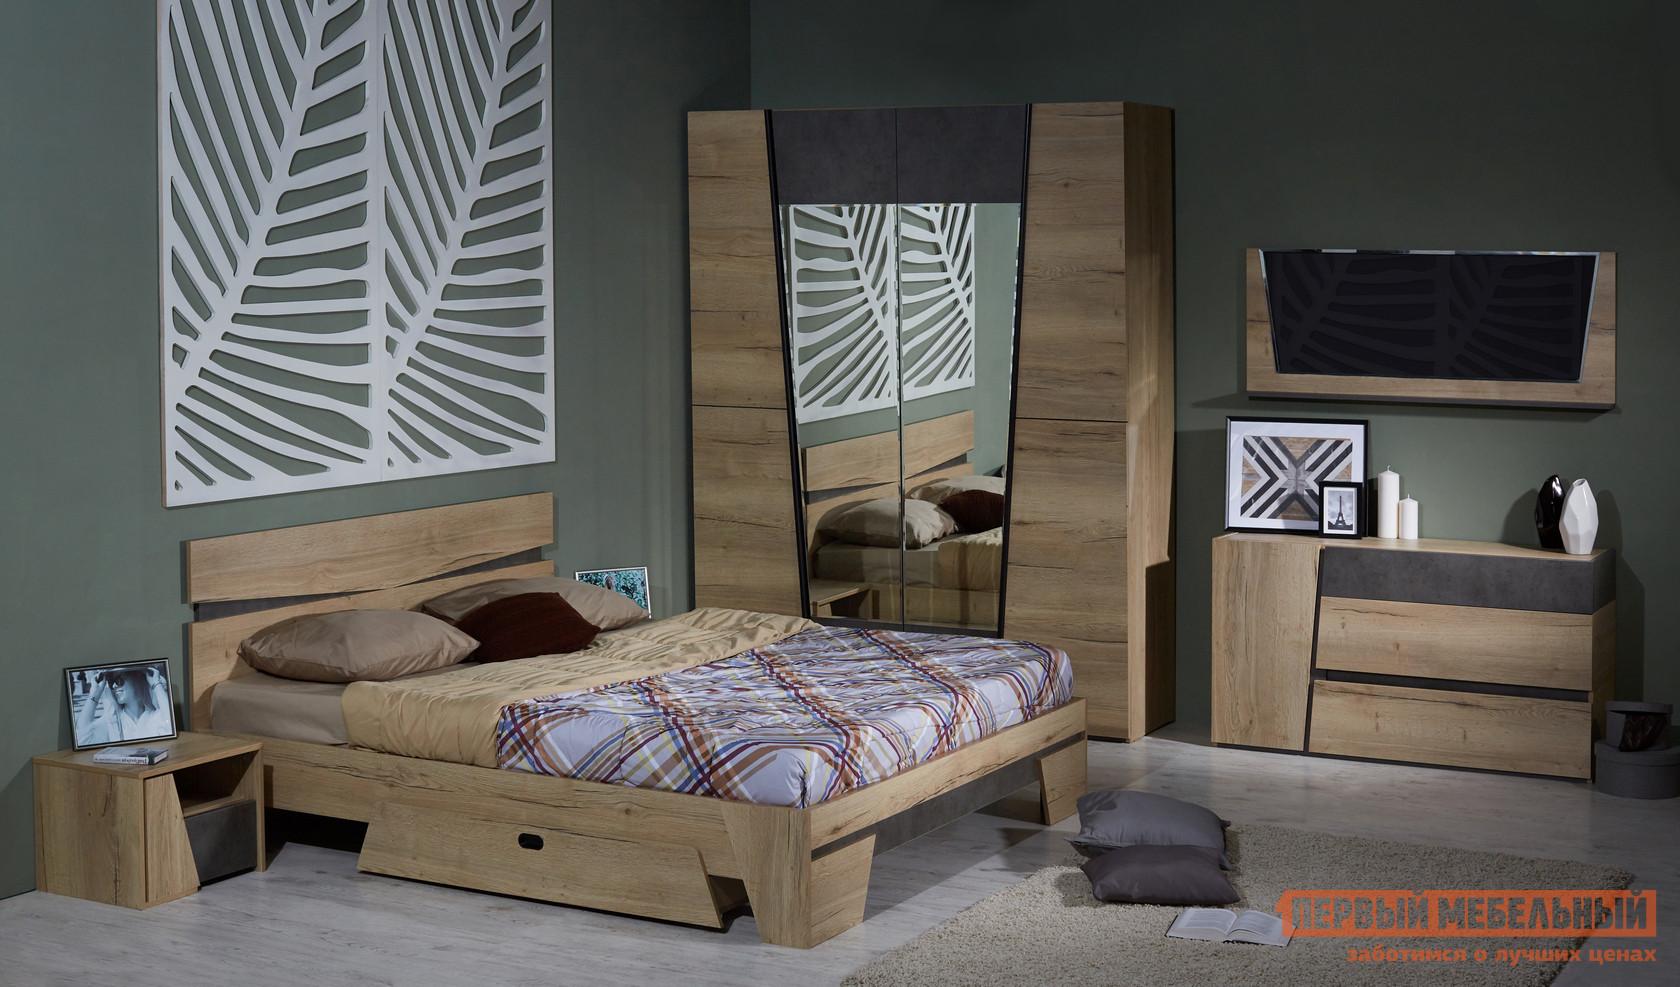 Спальный гарнитур Первый Мебельный Стреза К1 спальный гарнитур первый мебельный стреза к2